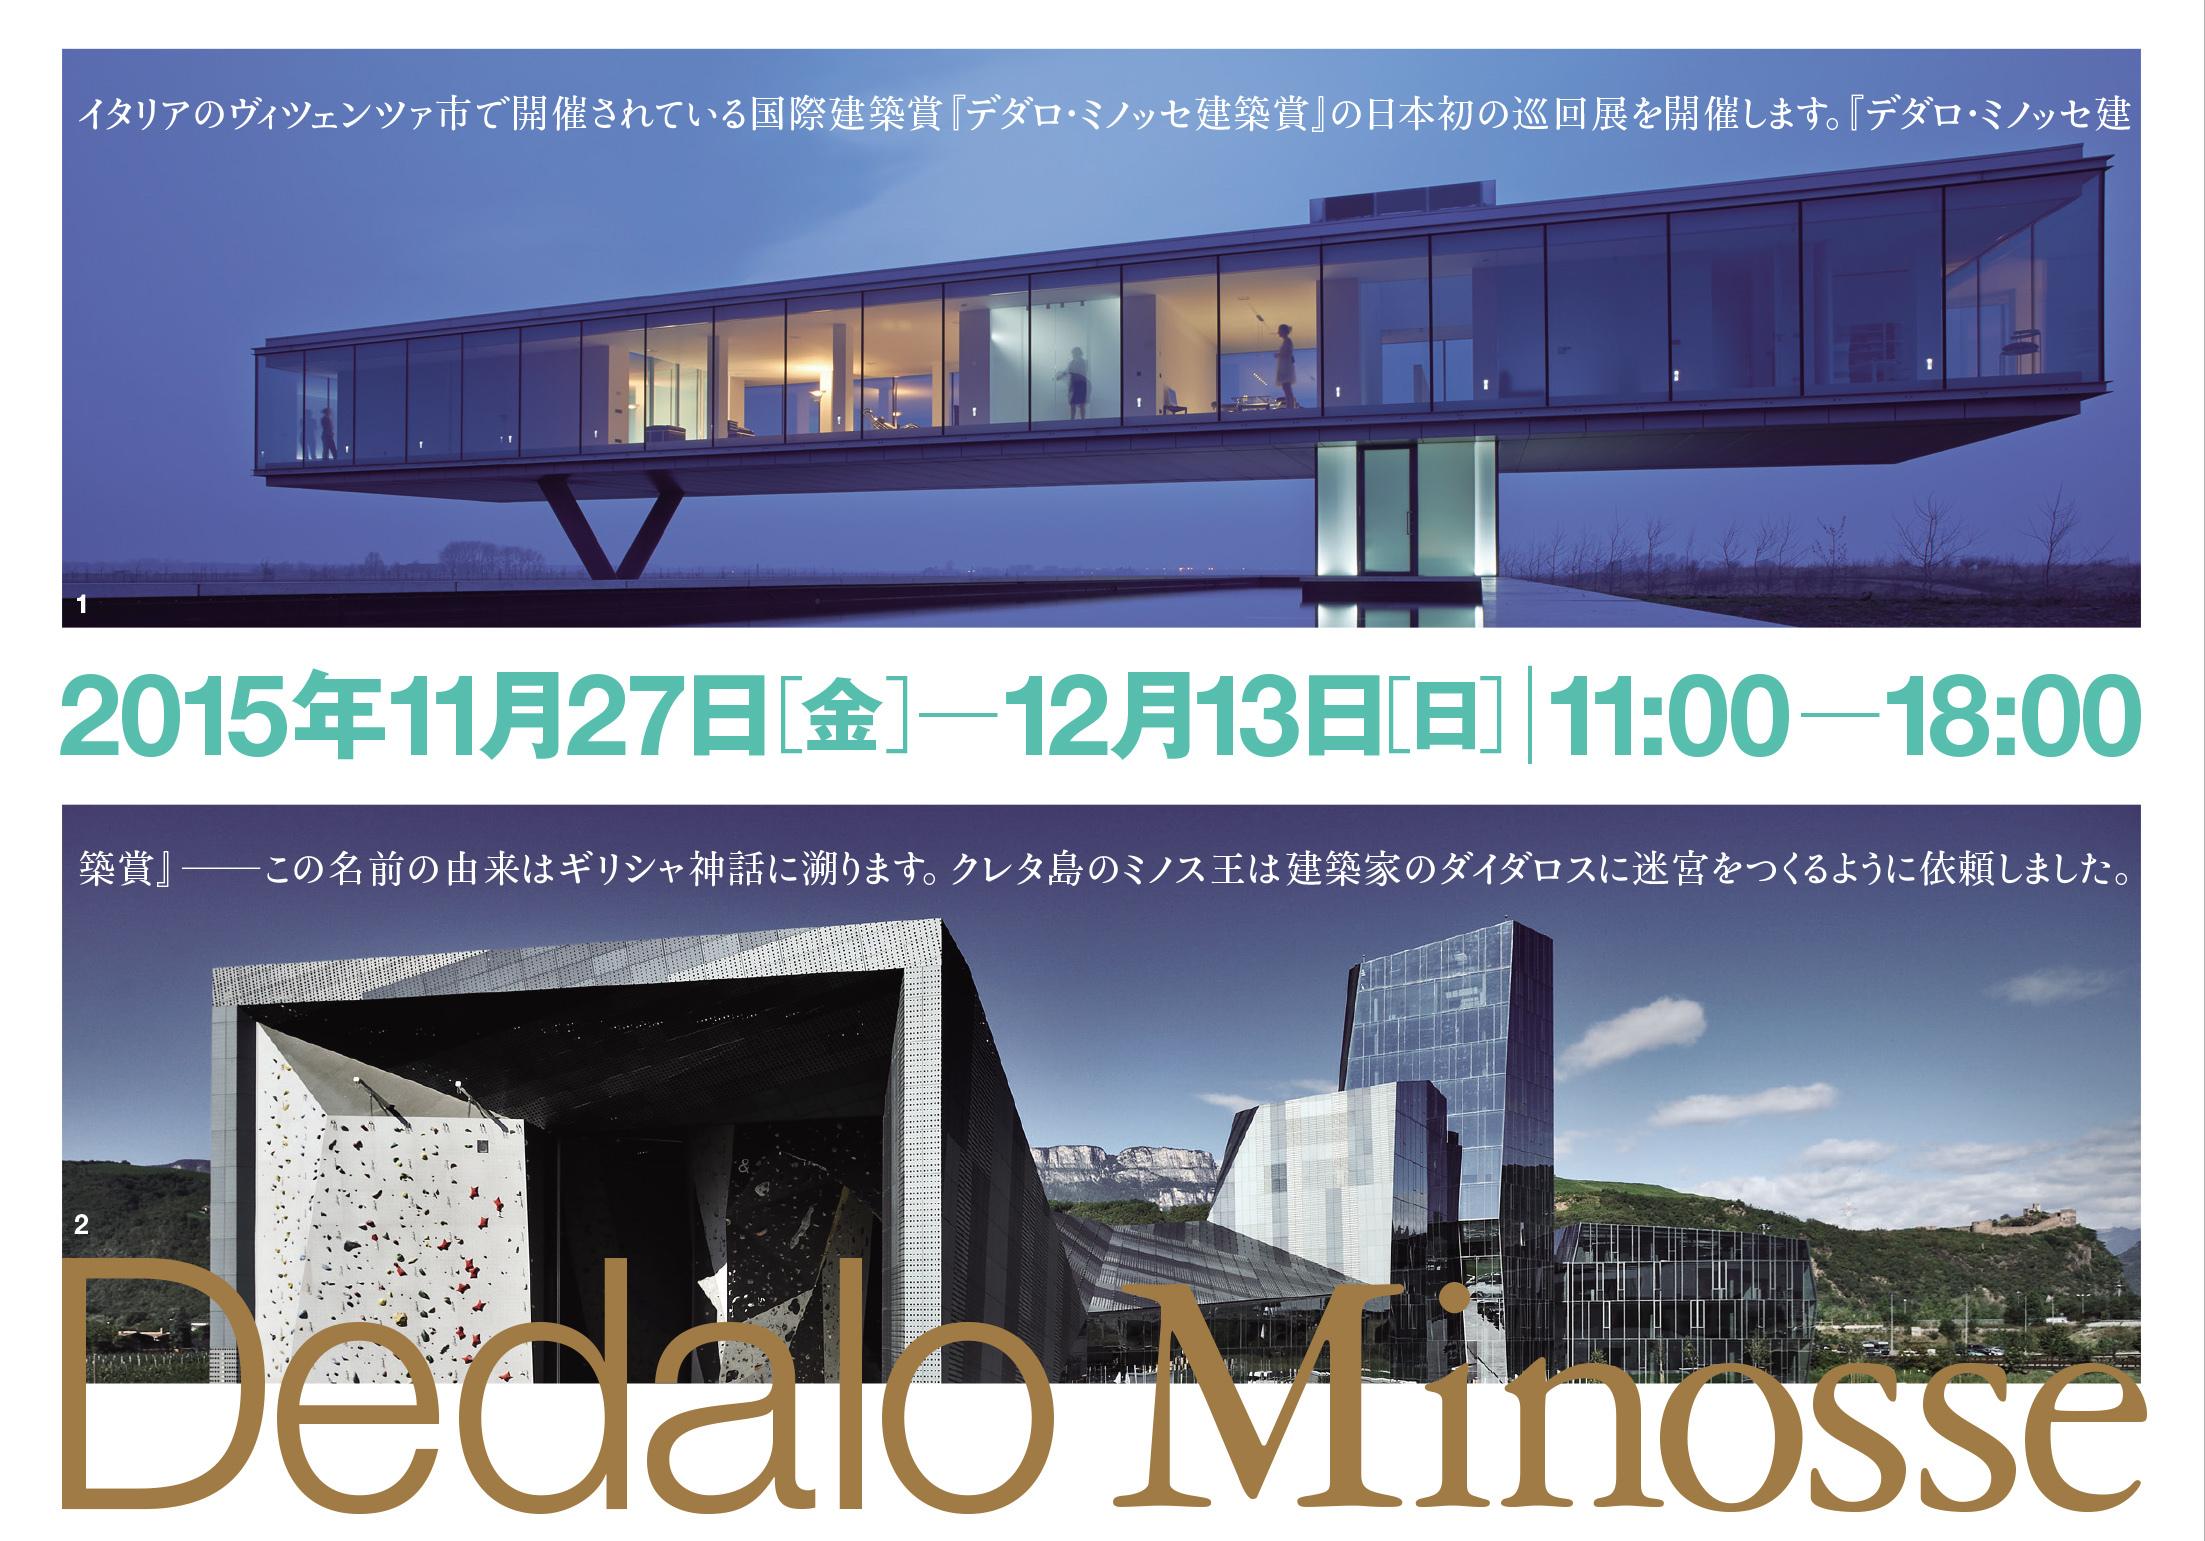 デダロ・ミノッセ建築賞 日本初巡回展